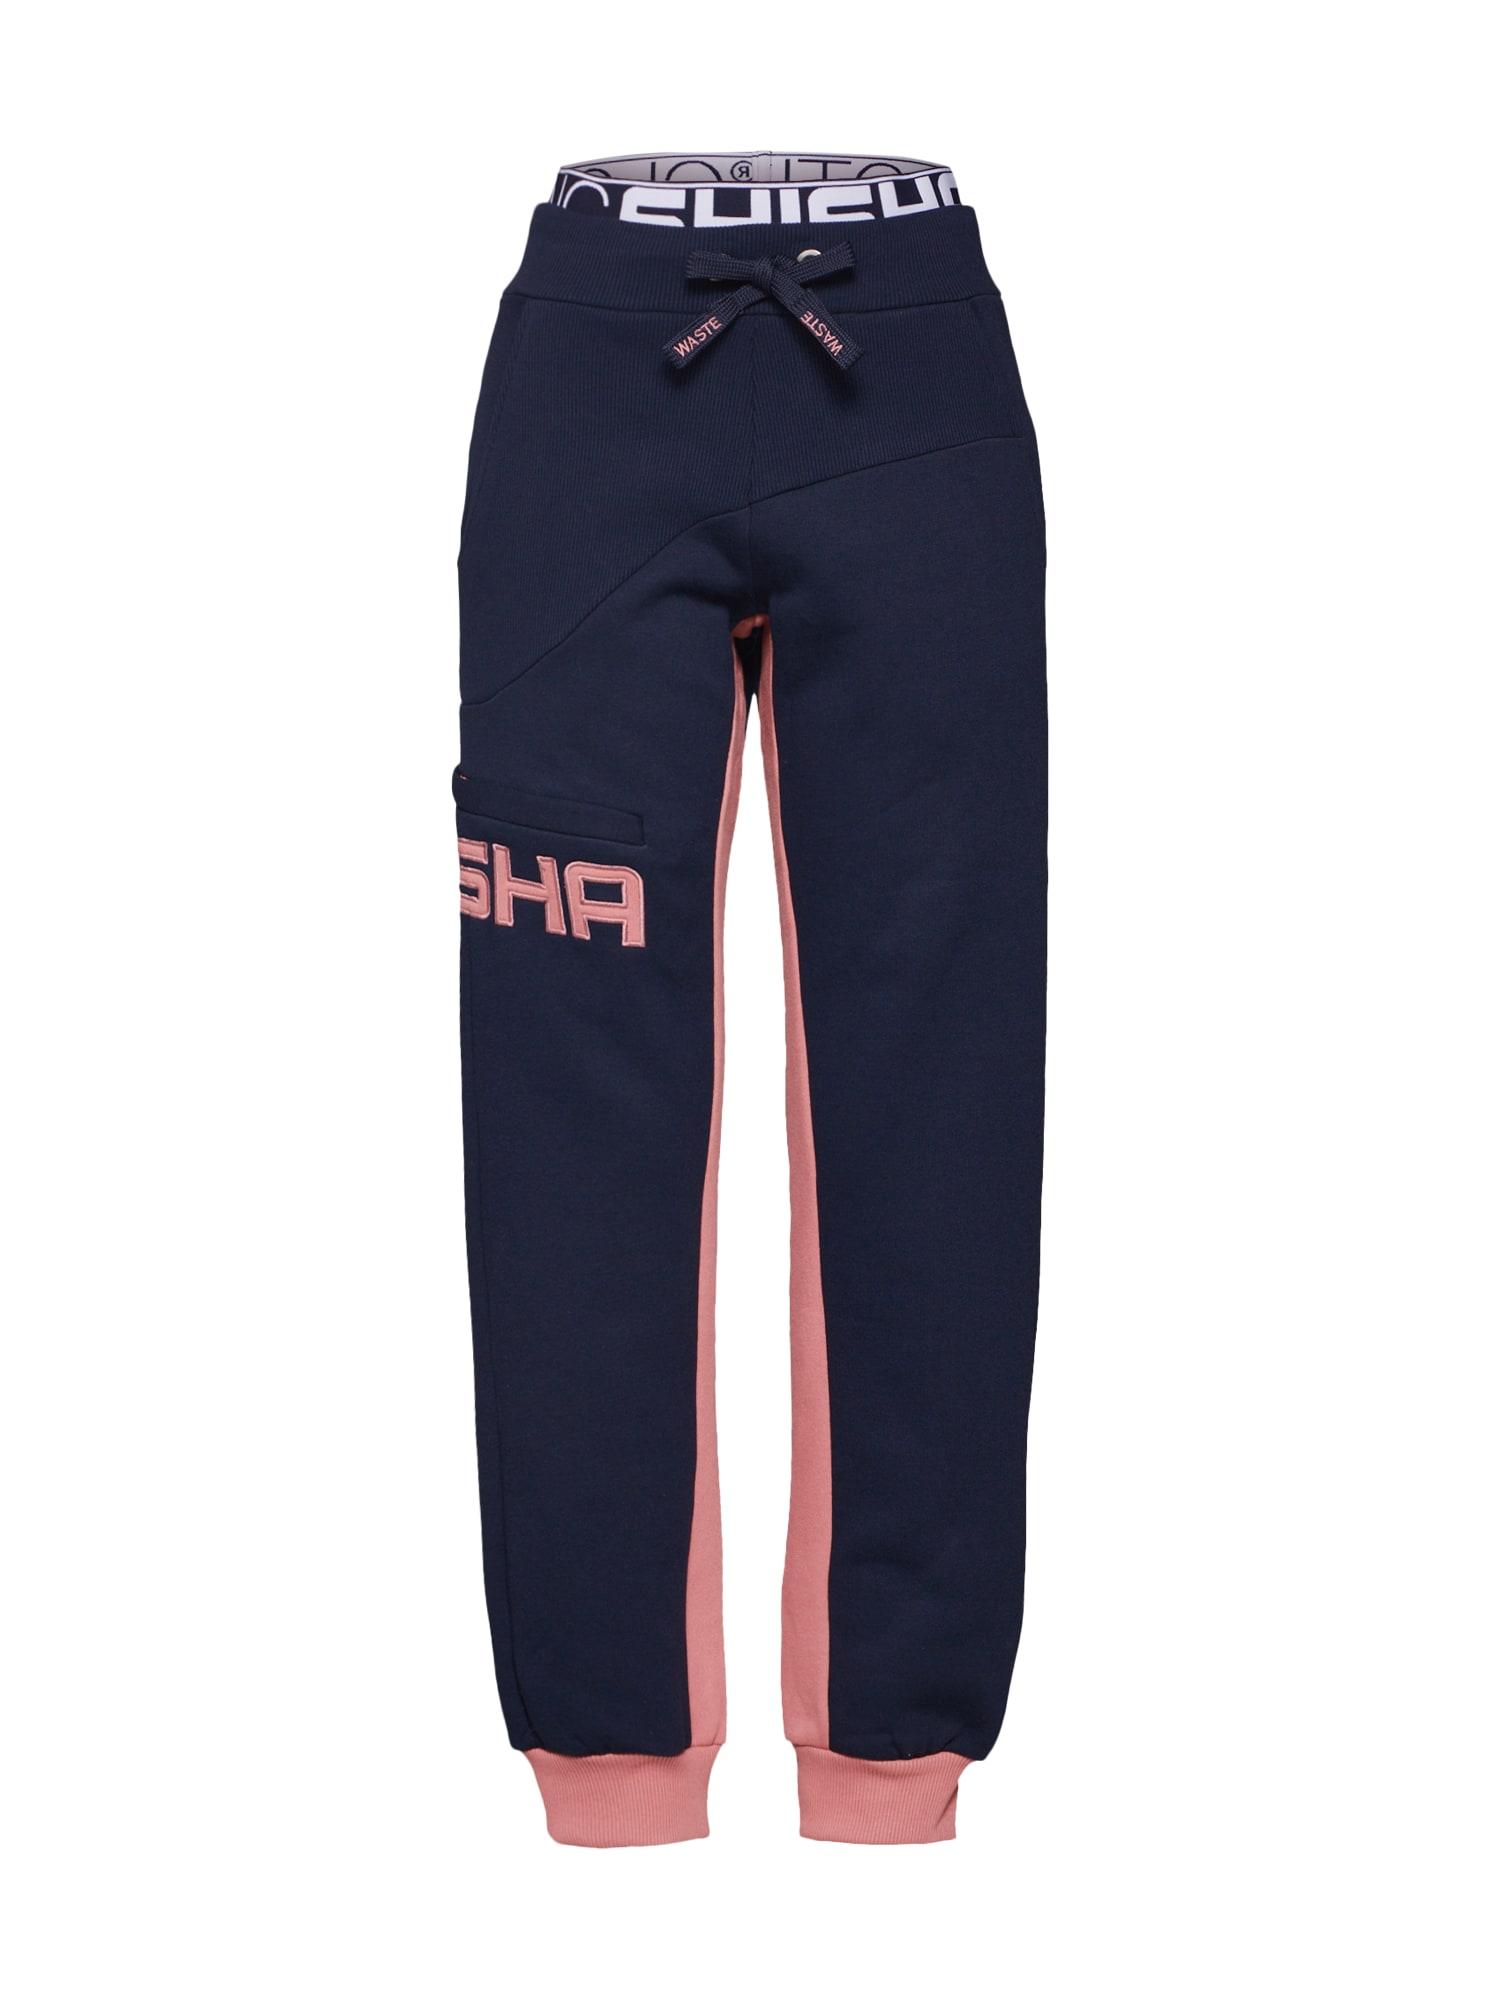 Kalhoty SUNDAG námořnická modř růžová SHISHA